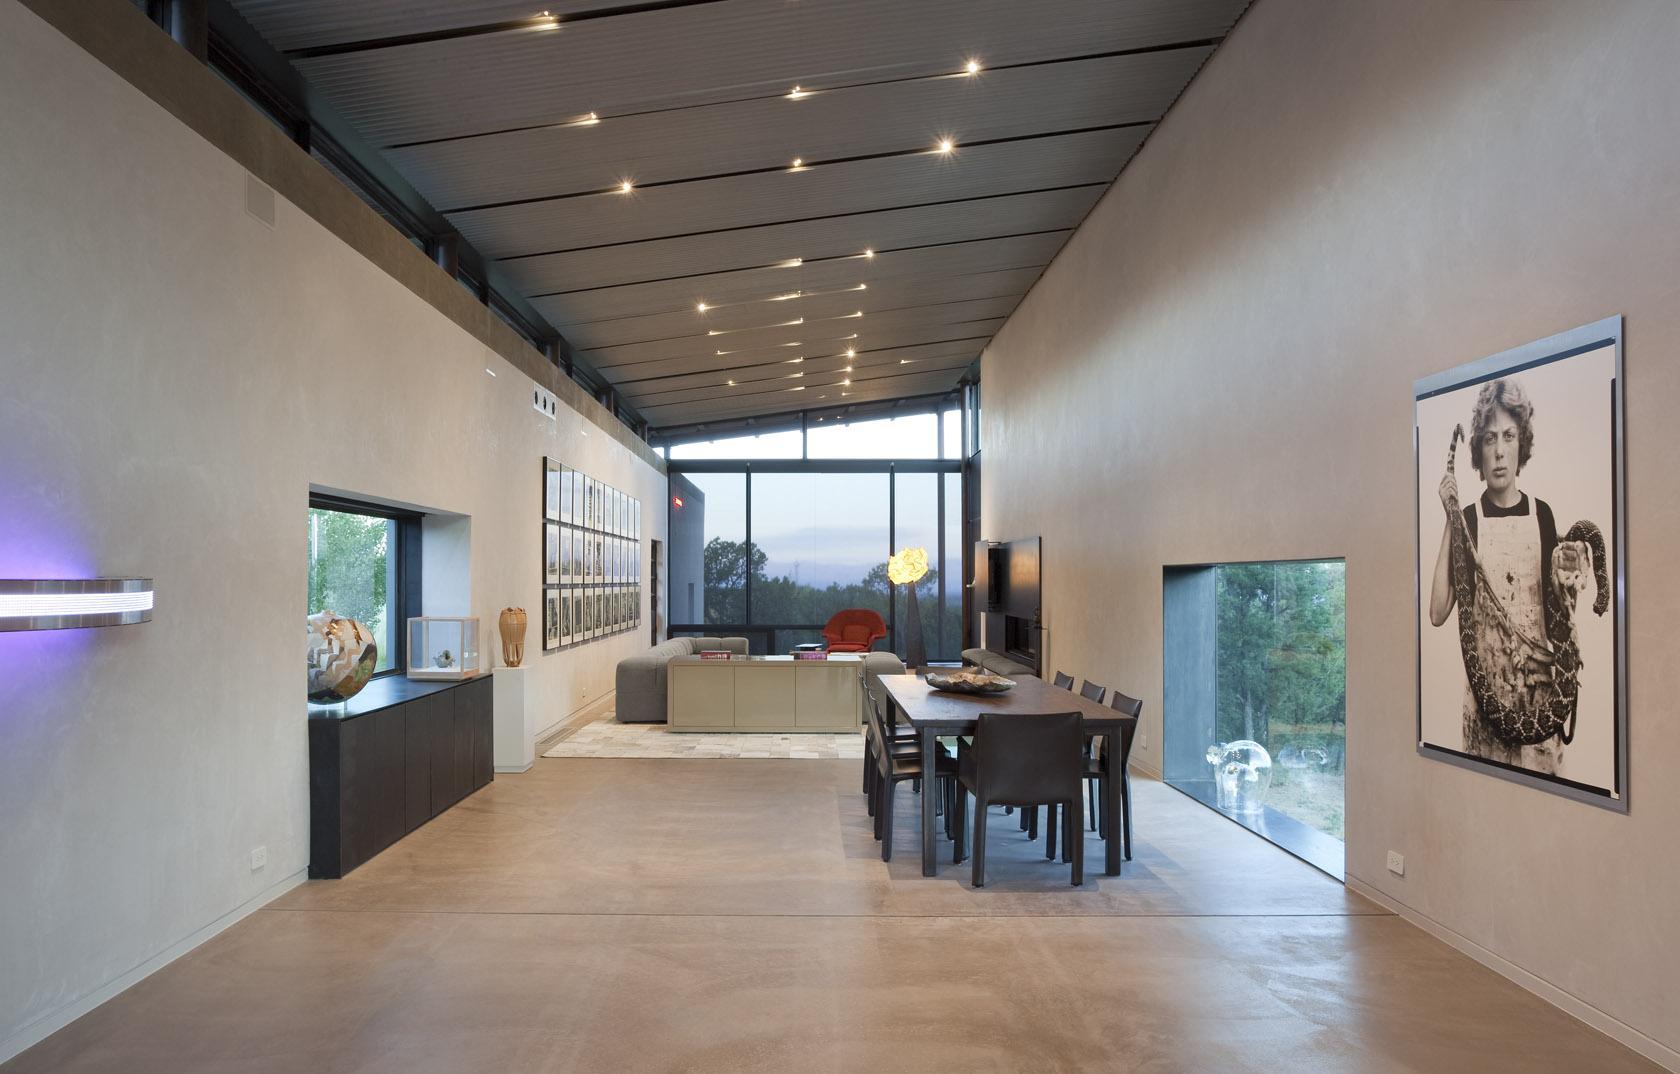 Dining, Living Space, Art, Open Plan, Desert House in Santa Fe, New Mexico